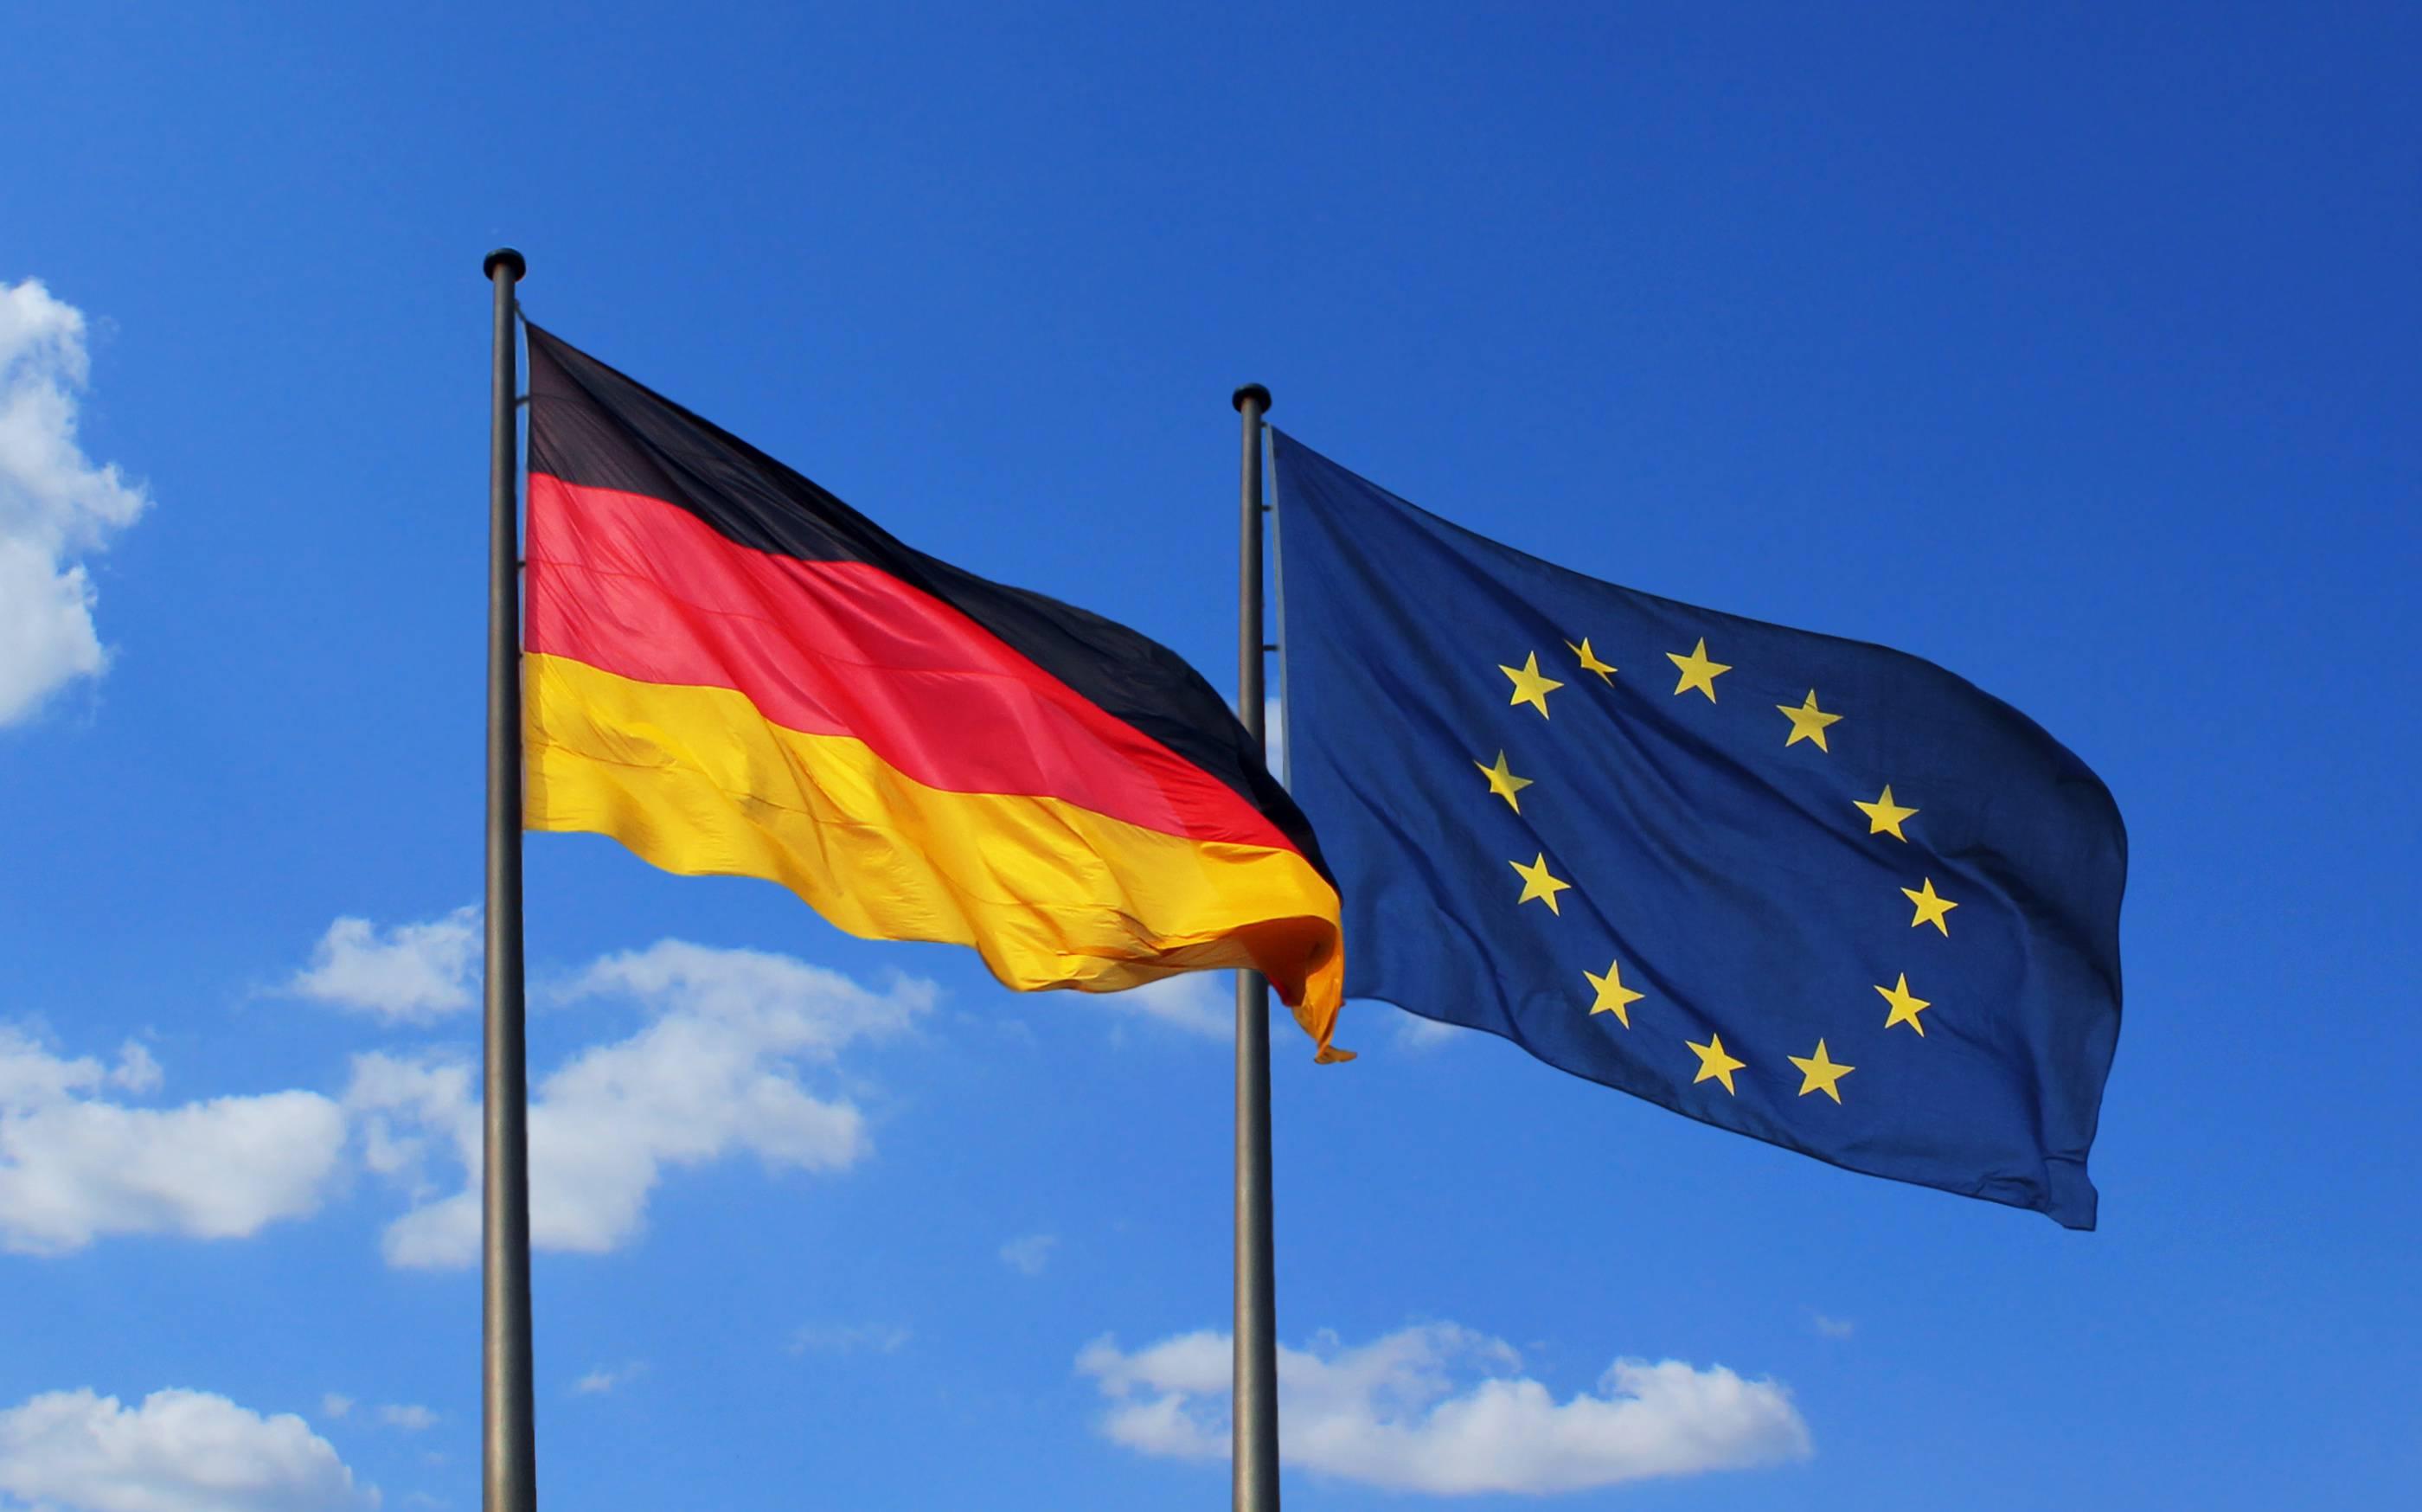 Fahnen Und Flaggen Geschichte Und Bedeutung